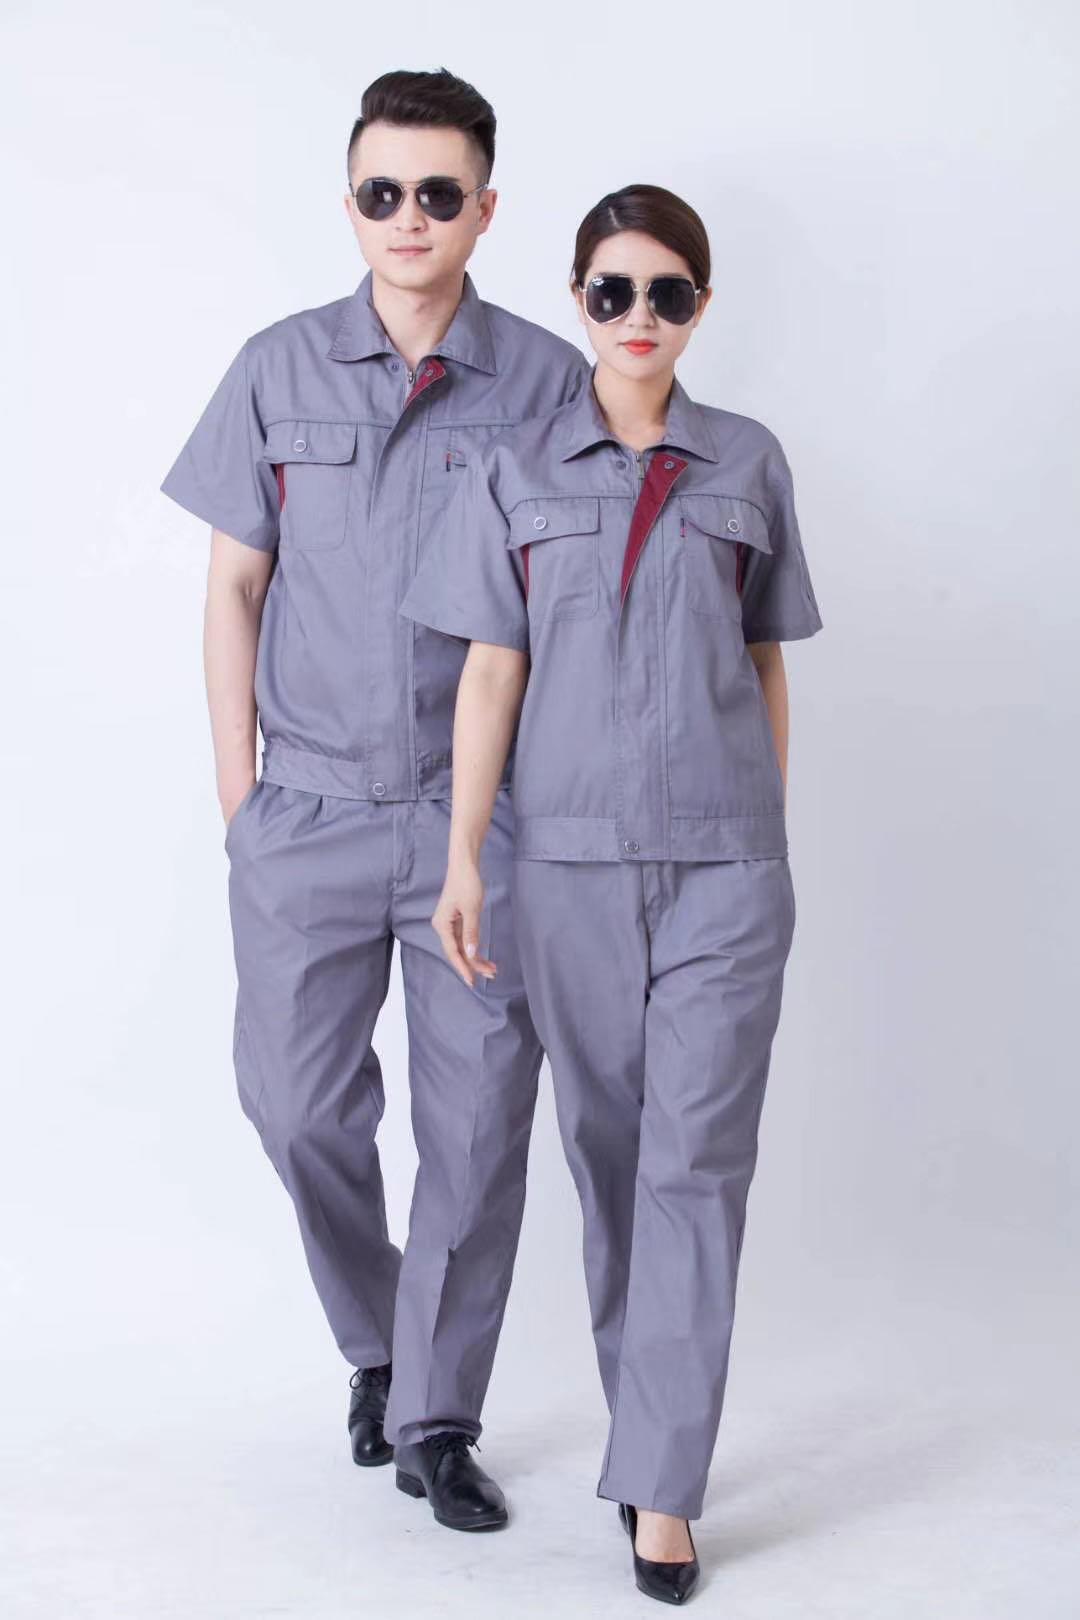 灰色短袖工作服